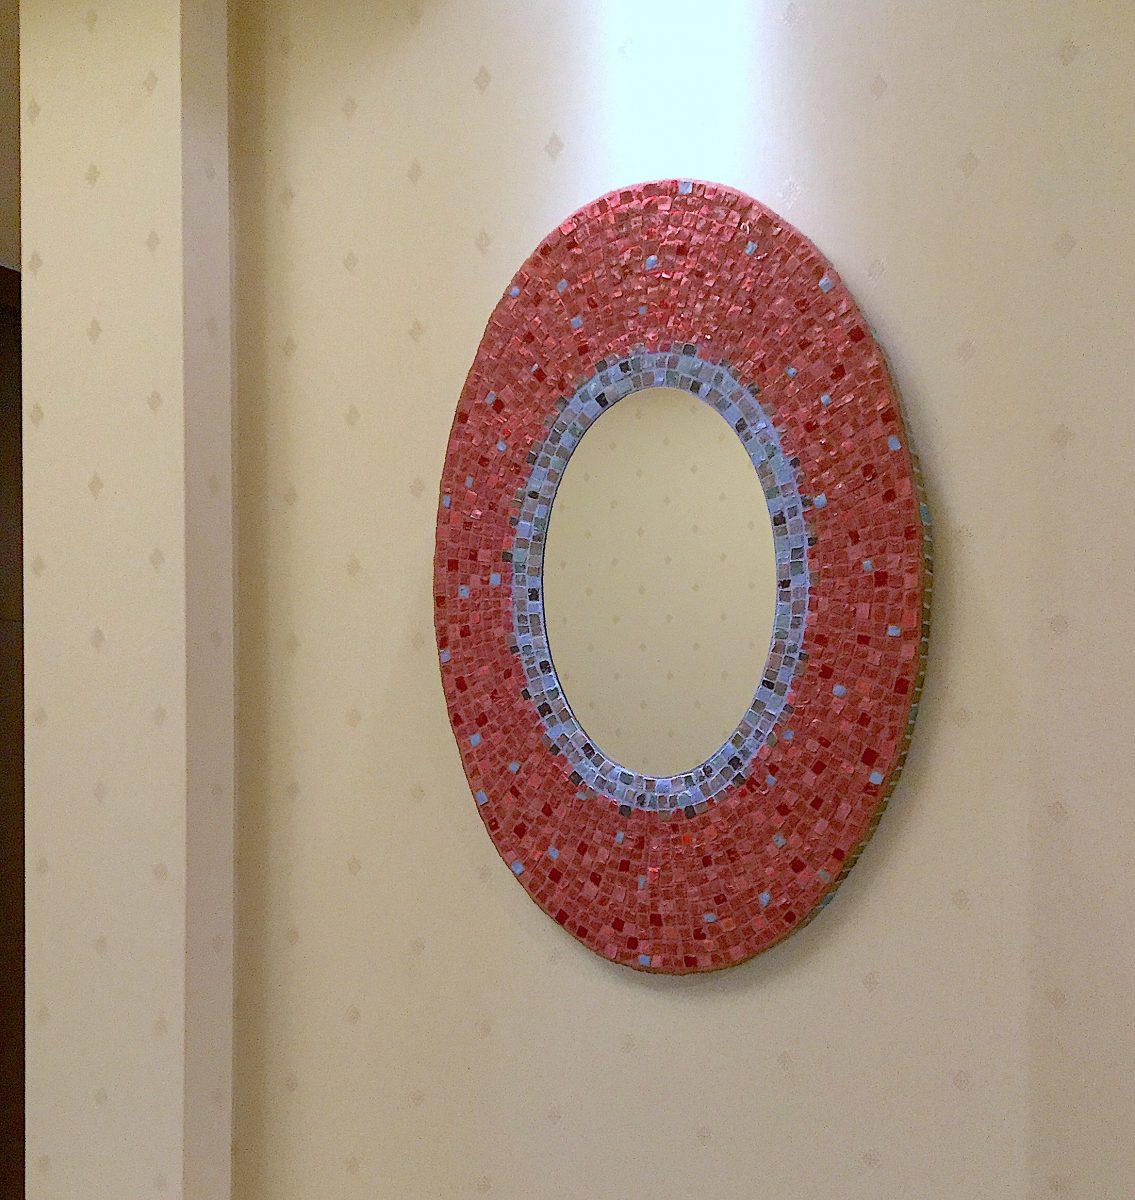 王道壁飾り 装飾ミラー楕円形 モザイクアート制作 岡田七歩美